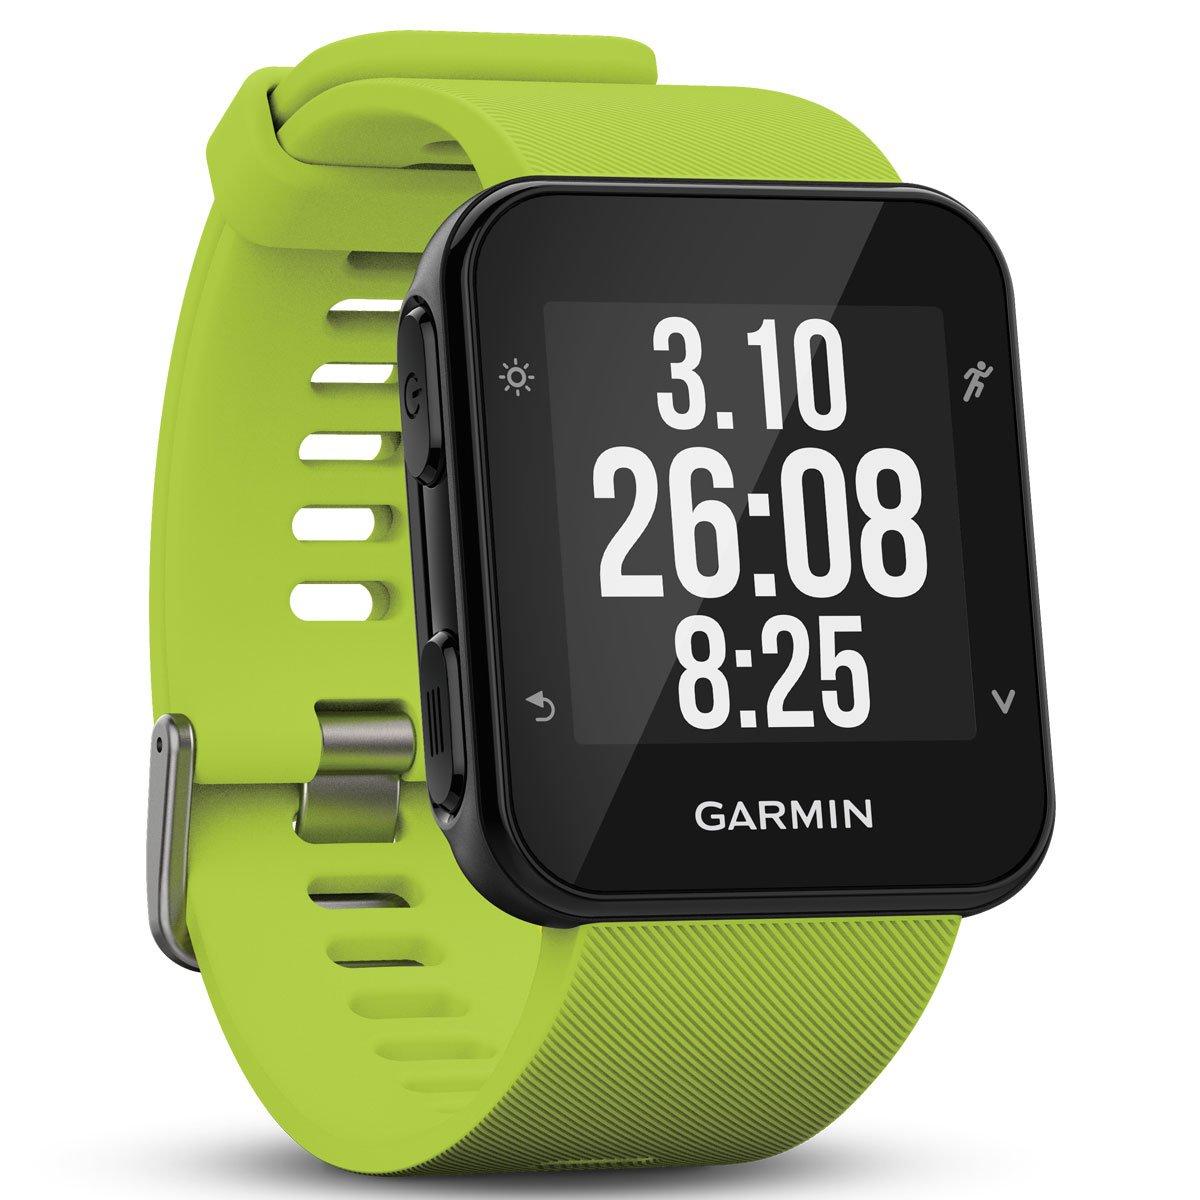 a2c8934464c Relógio GPS e Monitor Cardíaco Forerunner 35 - Garmin - Compre Agora ...